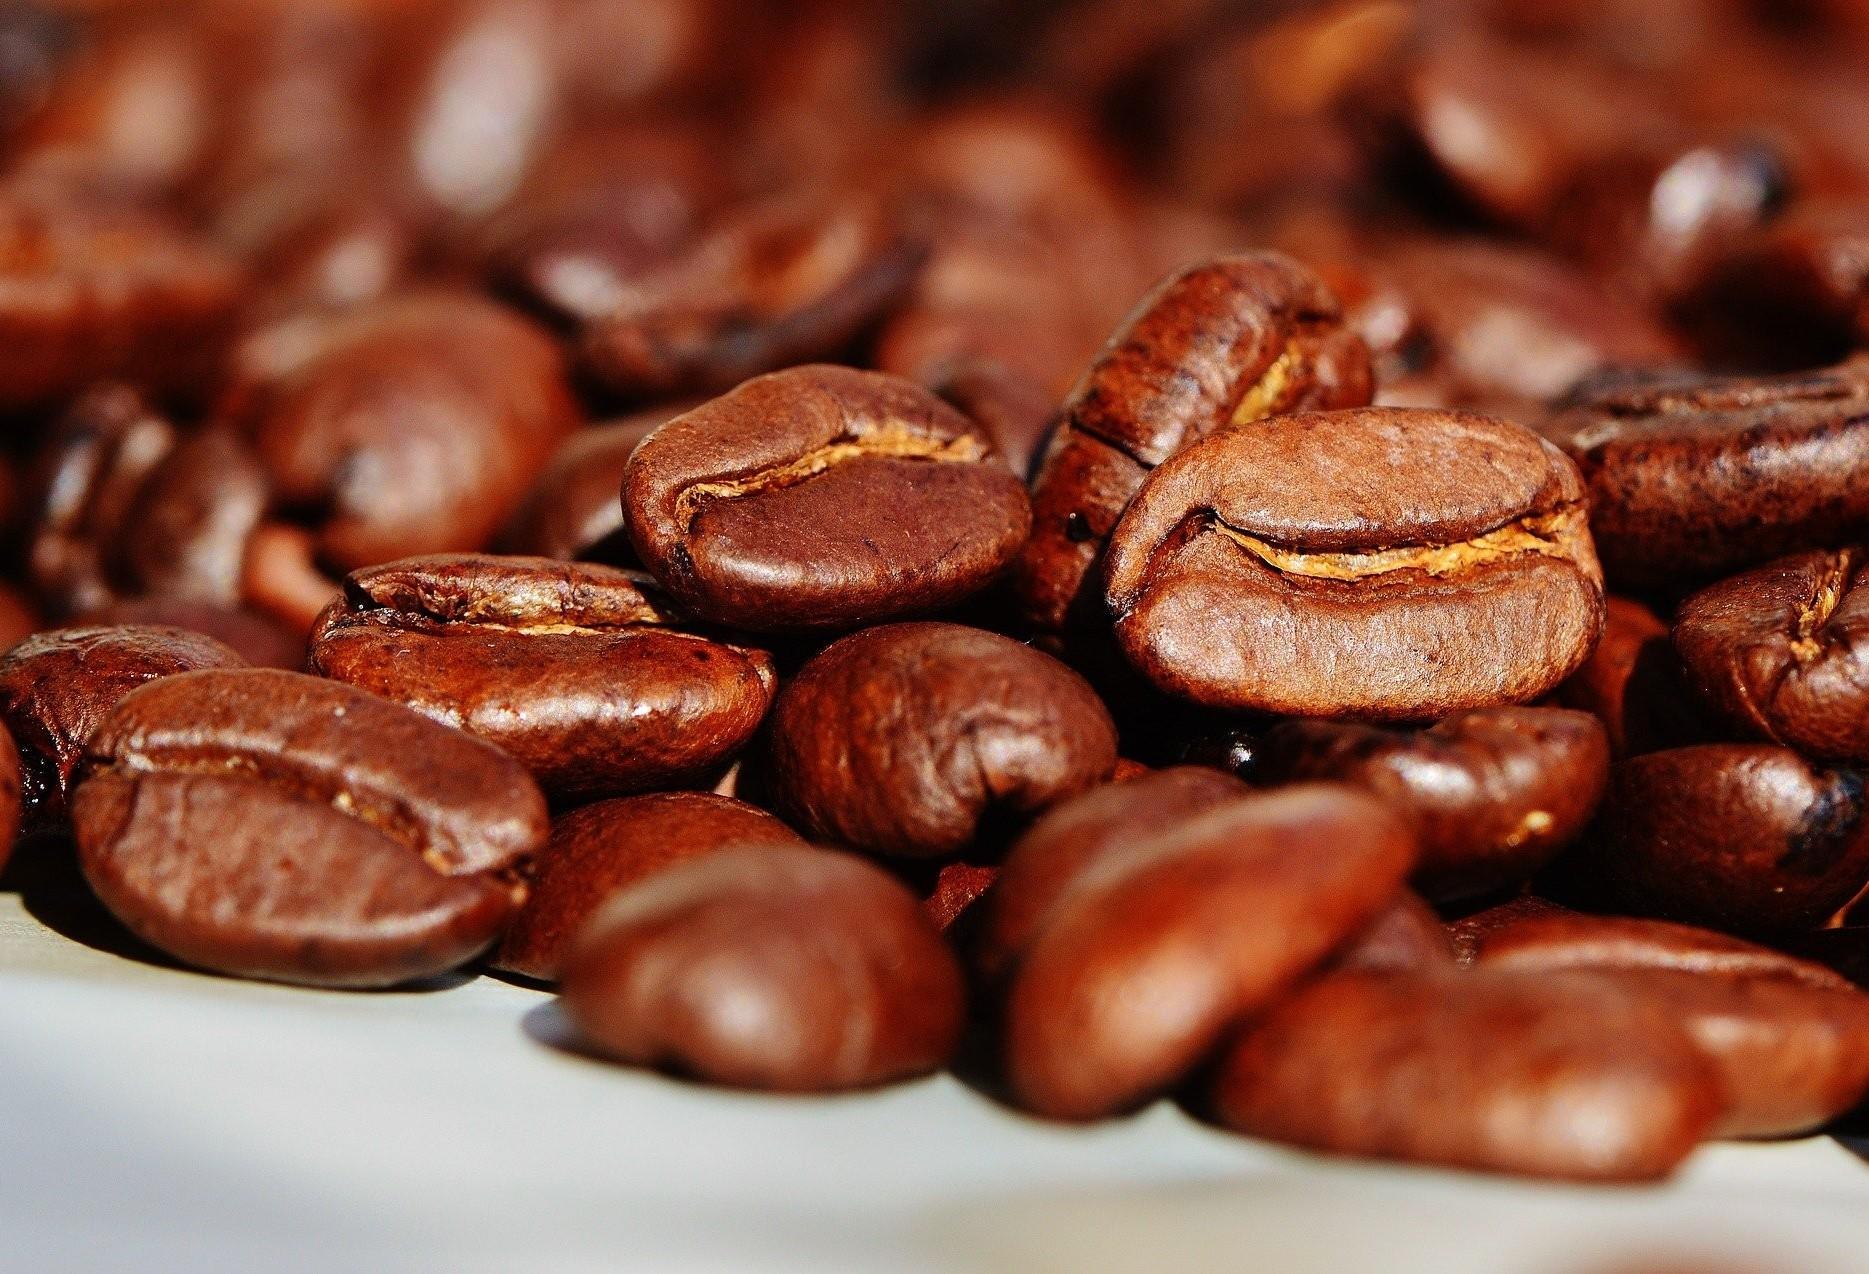 Segue de forma lenta colheita do café